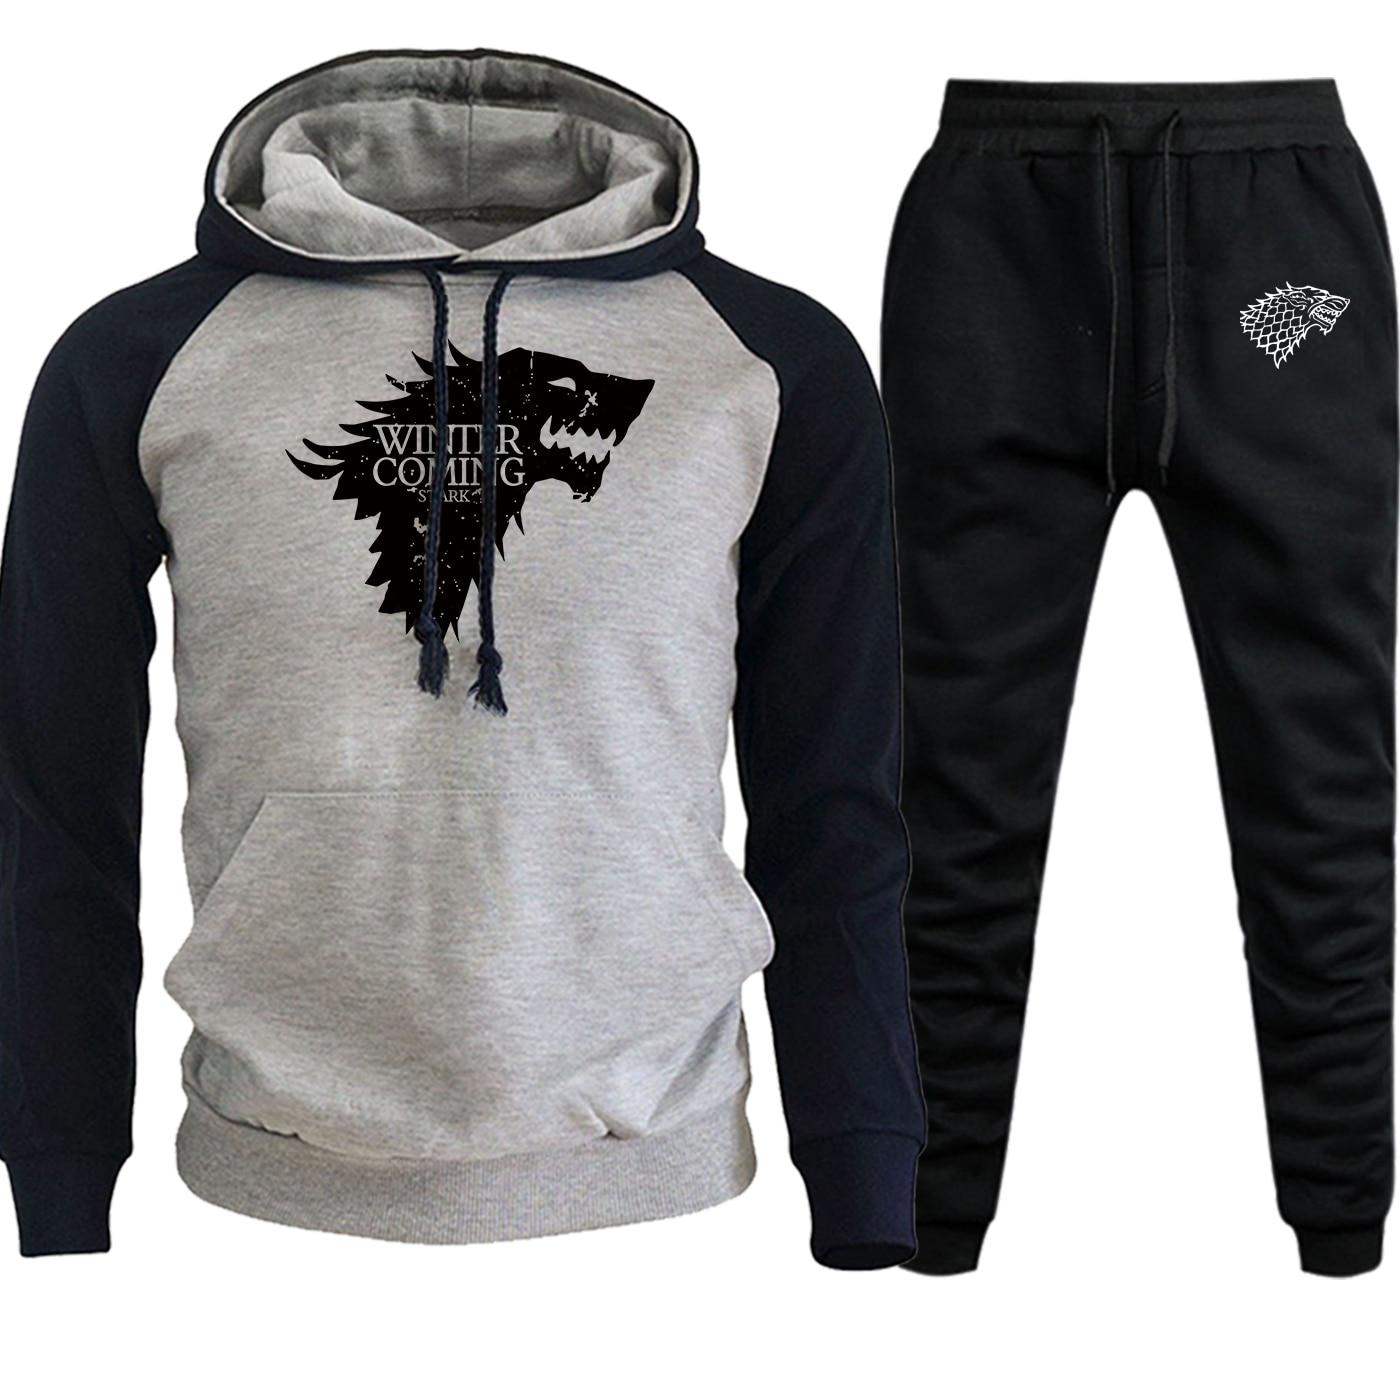 Game Of Thrones Sweatshirtds New 2019 Autumn Winter Men Raglan Hoodies Fleece Pullover Suit Male Hip Hop Hoody+Pants 2 Piece Set